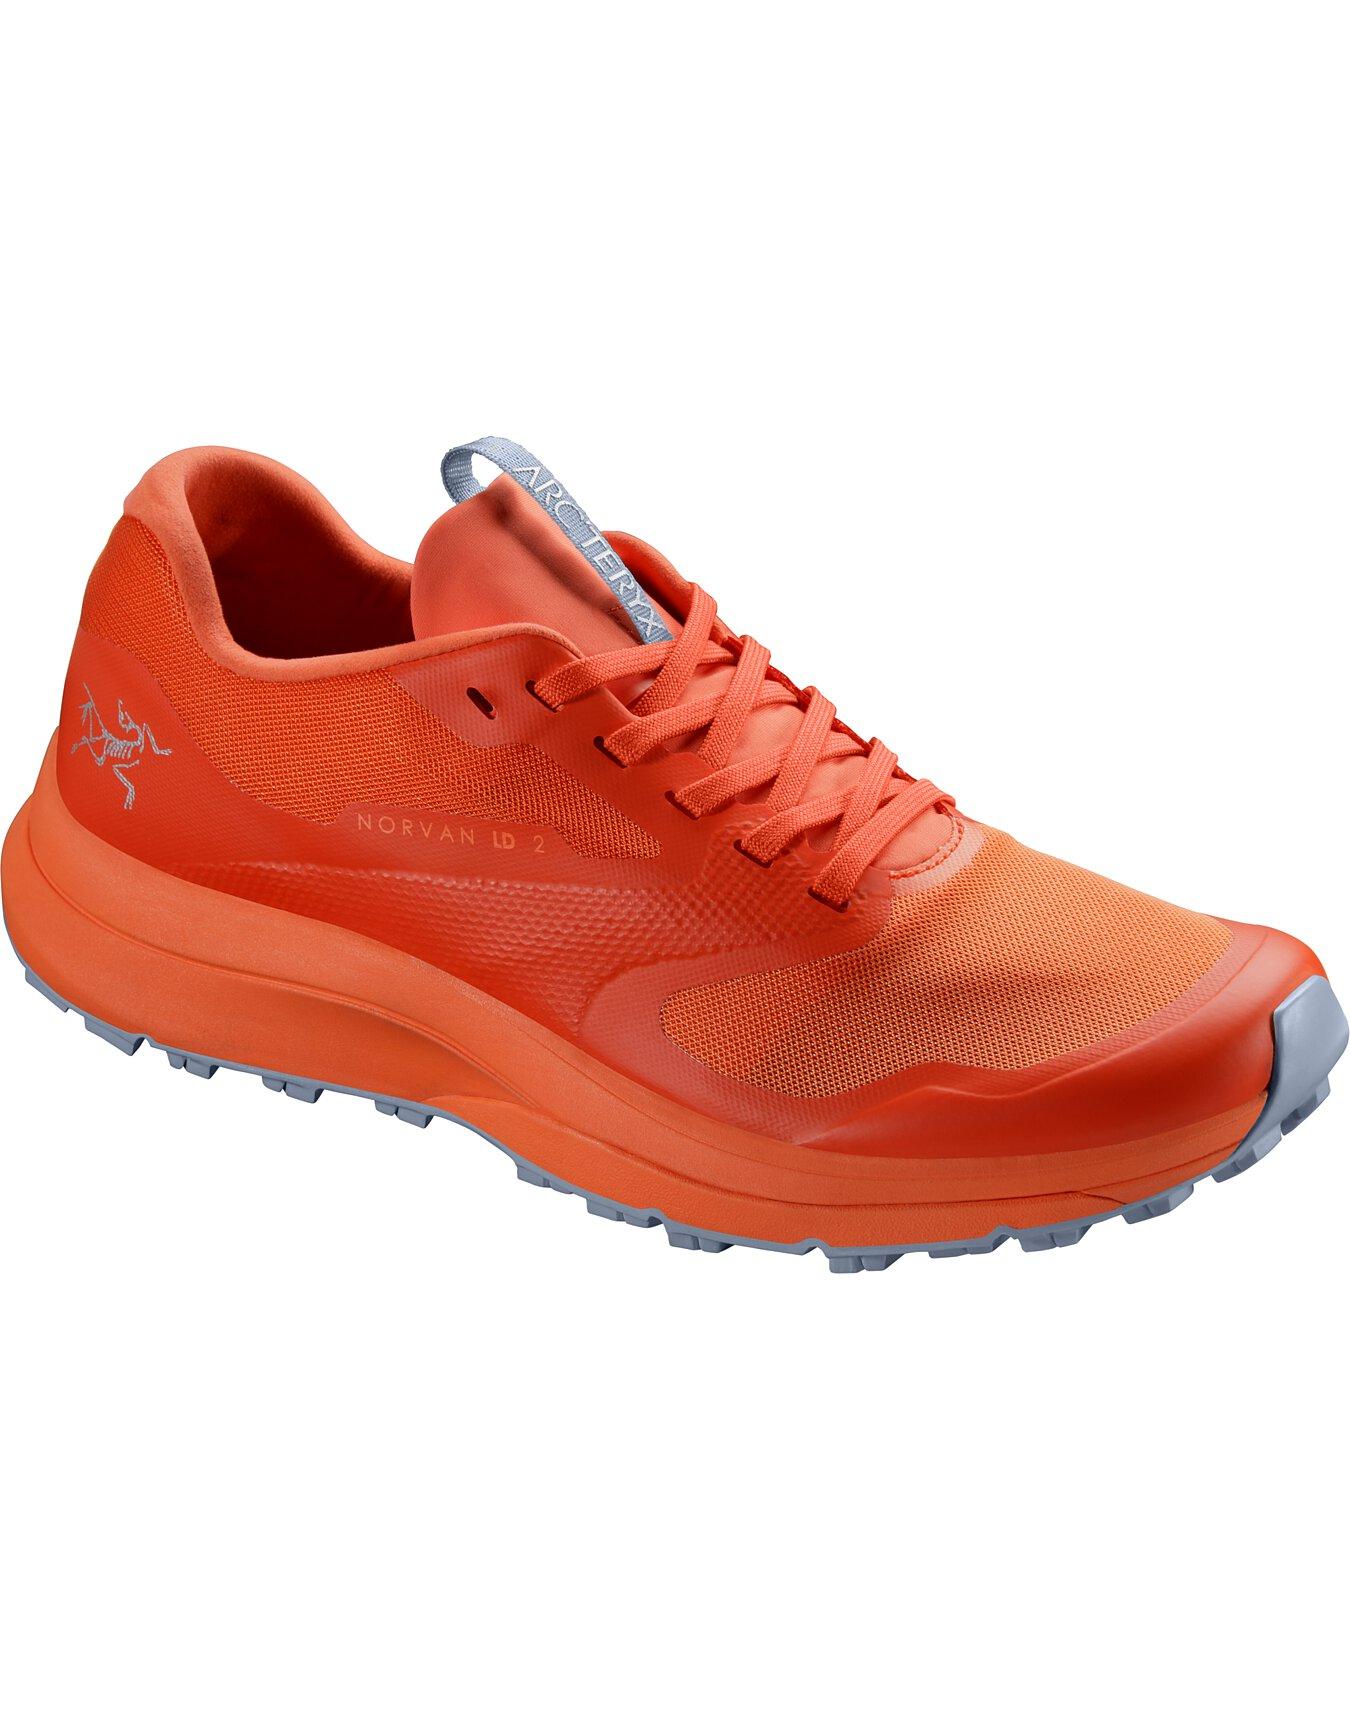 Norvan LD 2 Shoe Women's